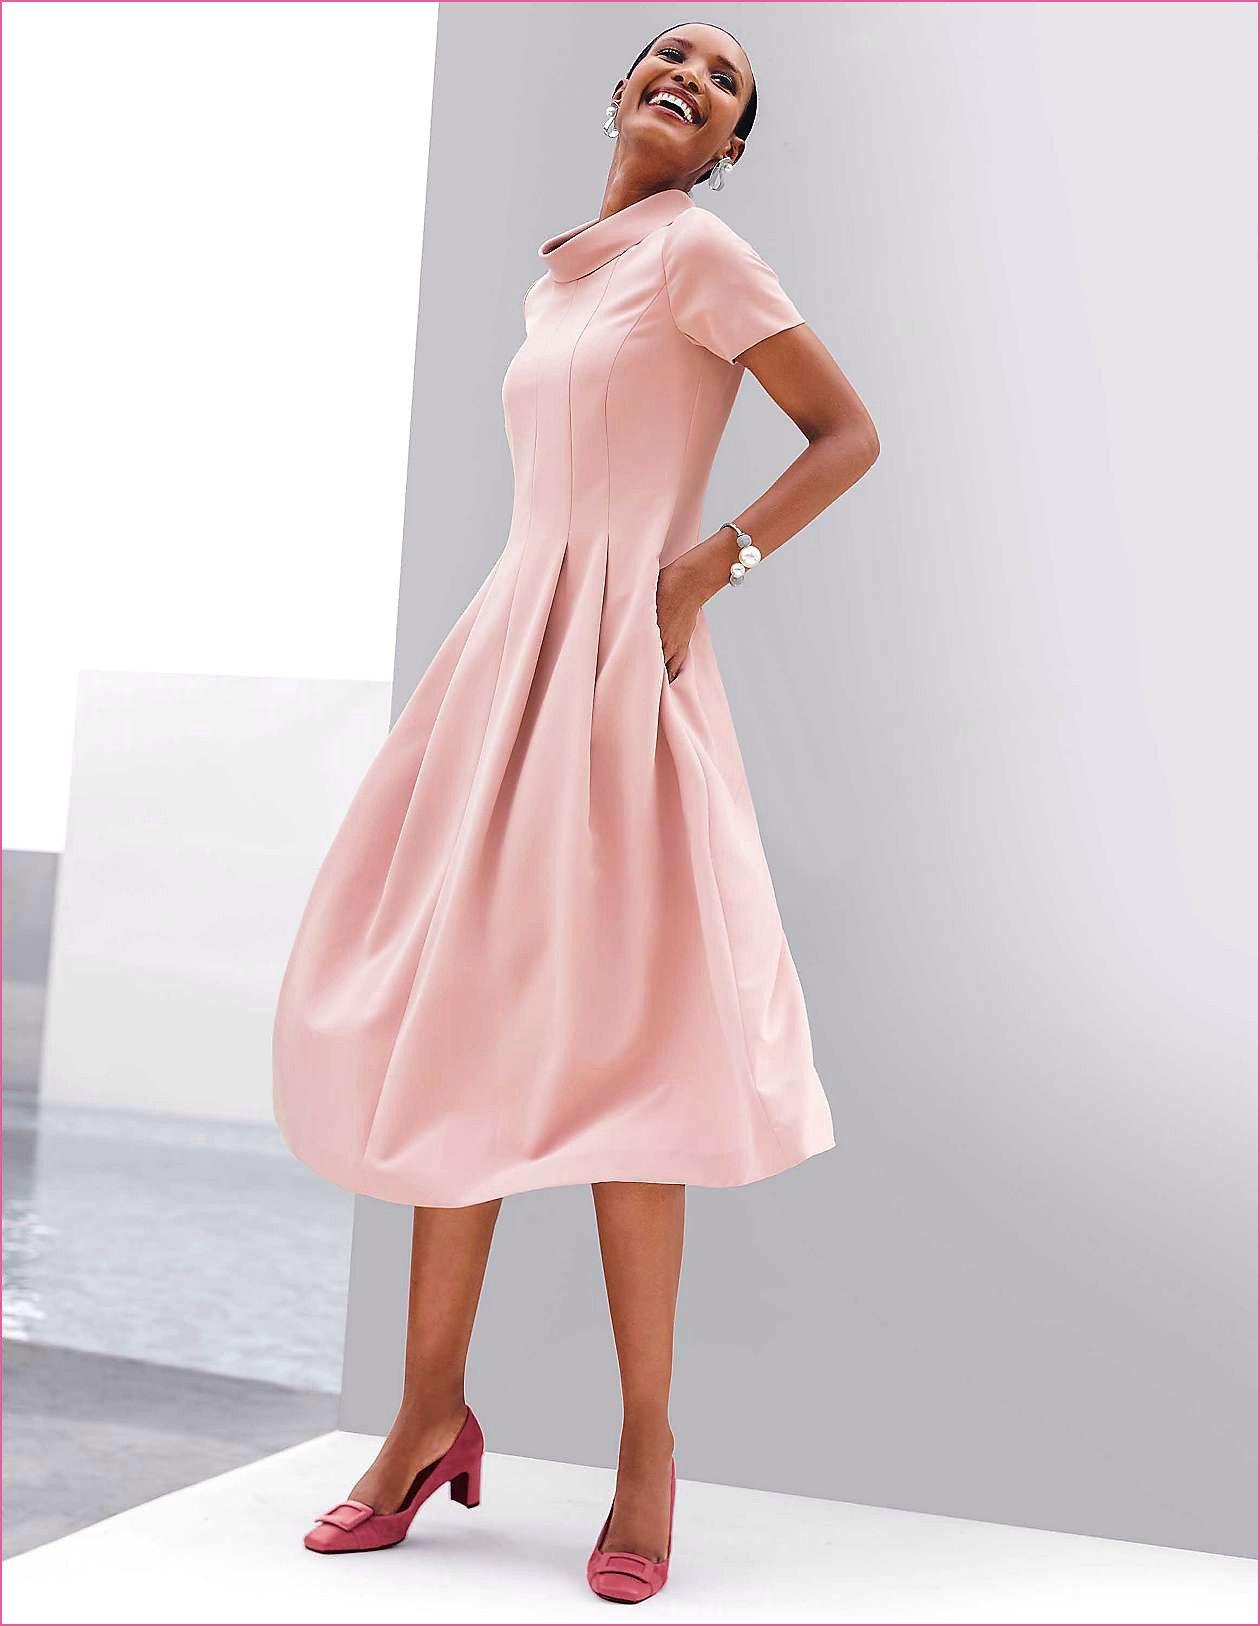 17 Einzigartig Schwarzes Bodenlanges Kleid Vertrieb20 Schön Schwarzes Bodenlanges Kleid Galerie